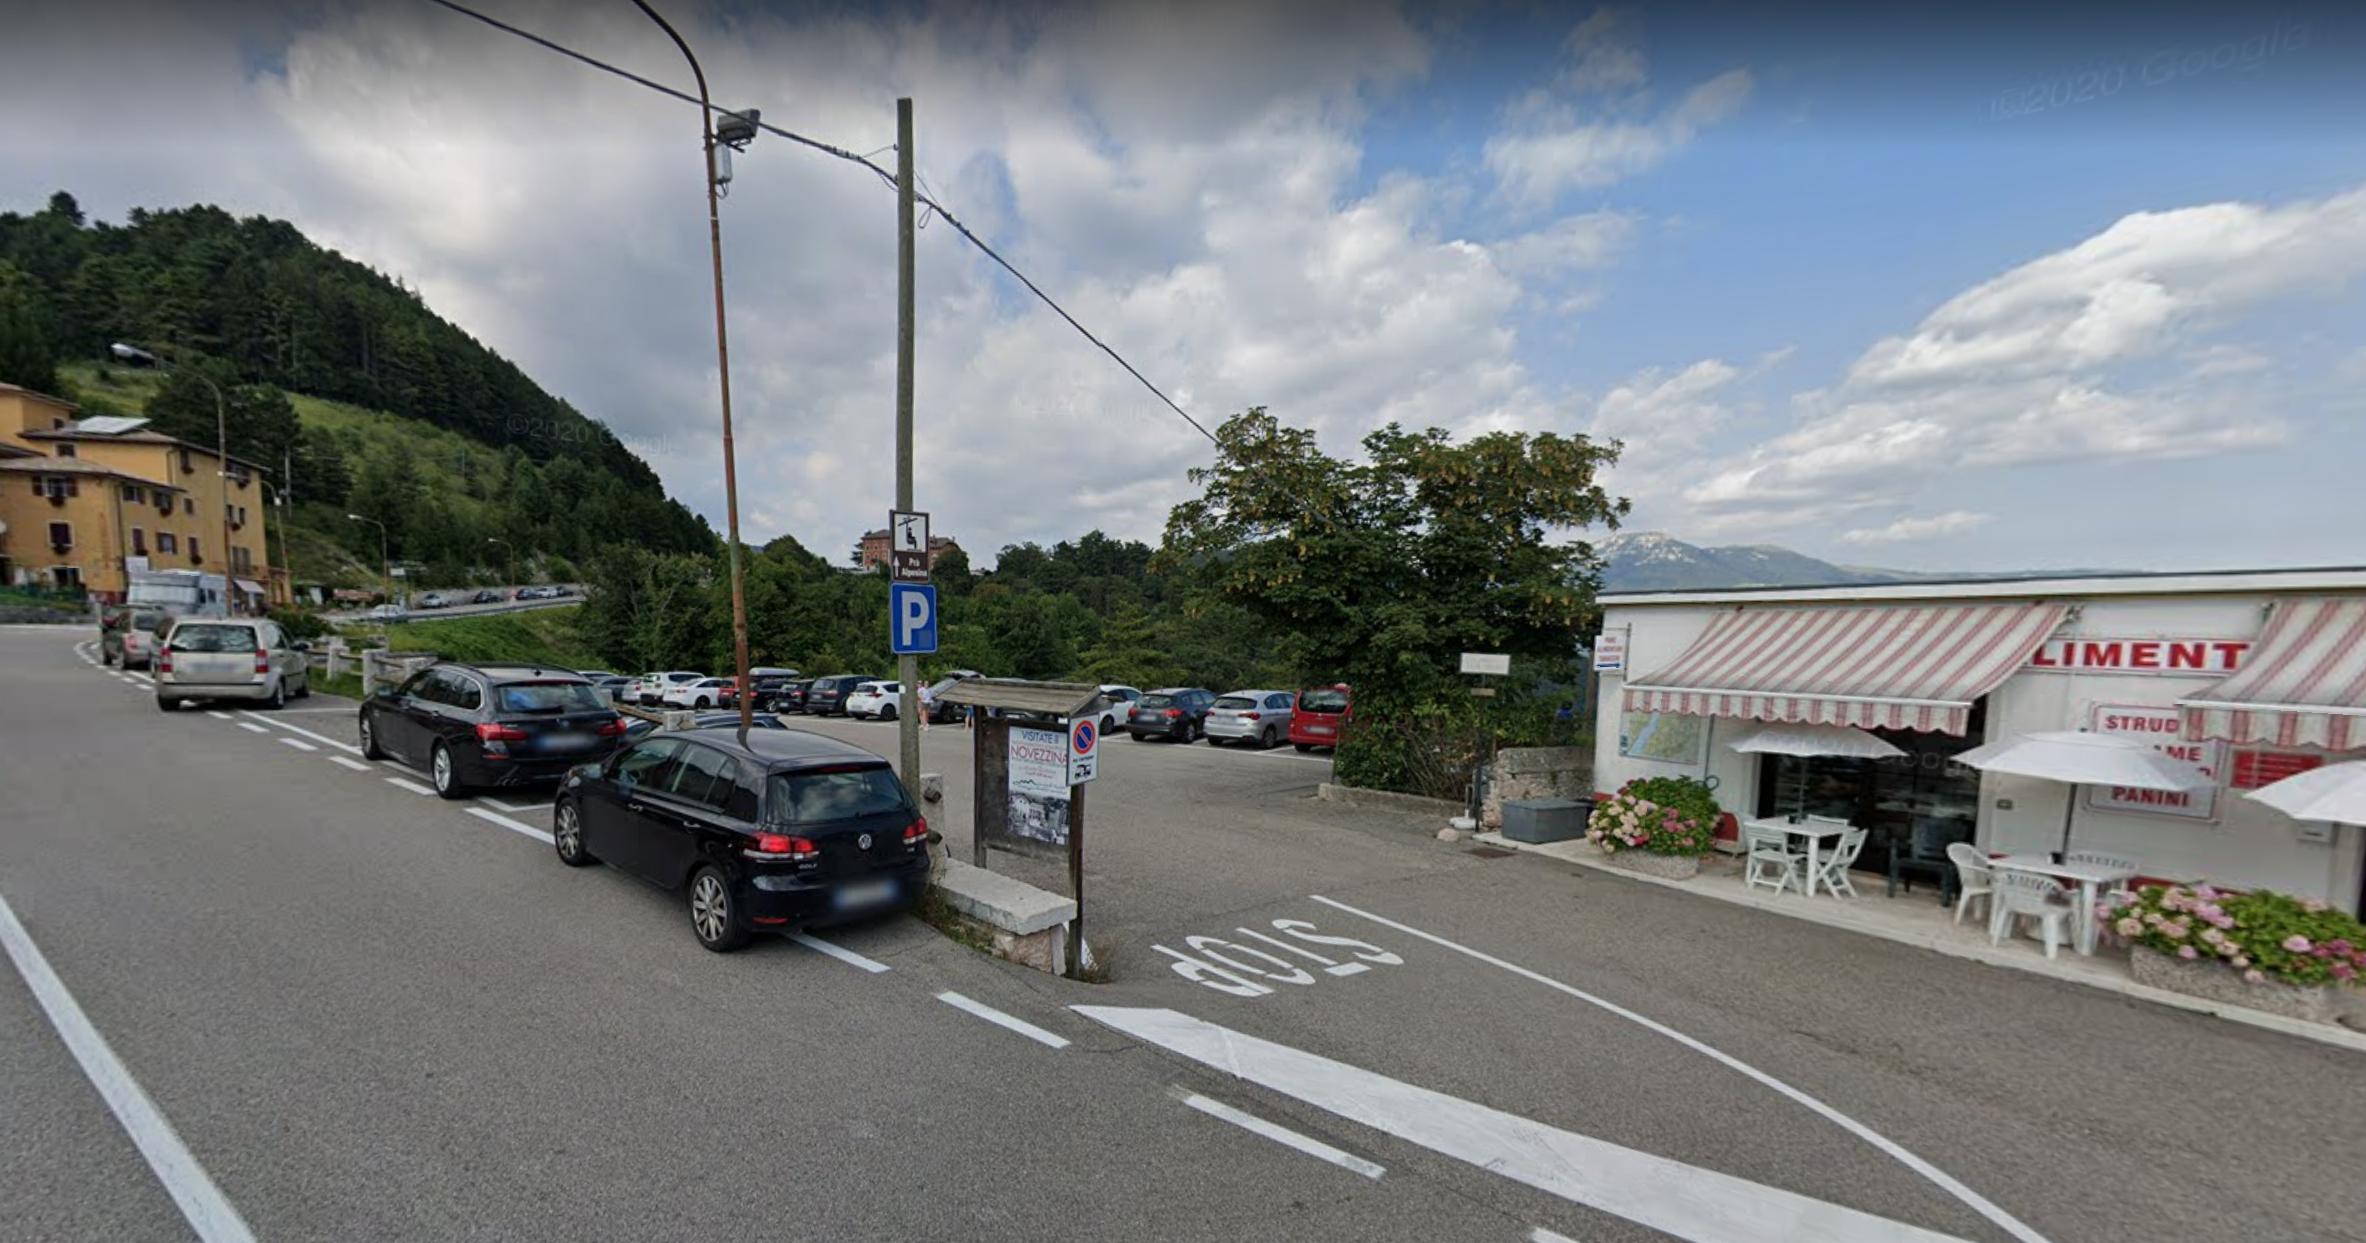 Italia - Italy - Casale Management - Travel - Veneto - Ferrara di Monte Baldo - Verona - Lago di Garda - Santuario Madonna della Corona - Parcheggio Spiazzi